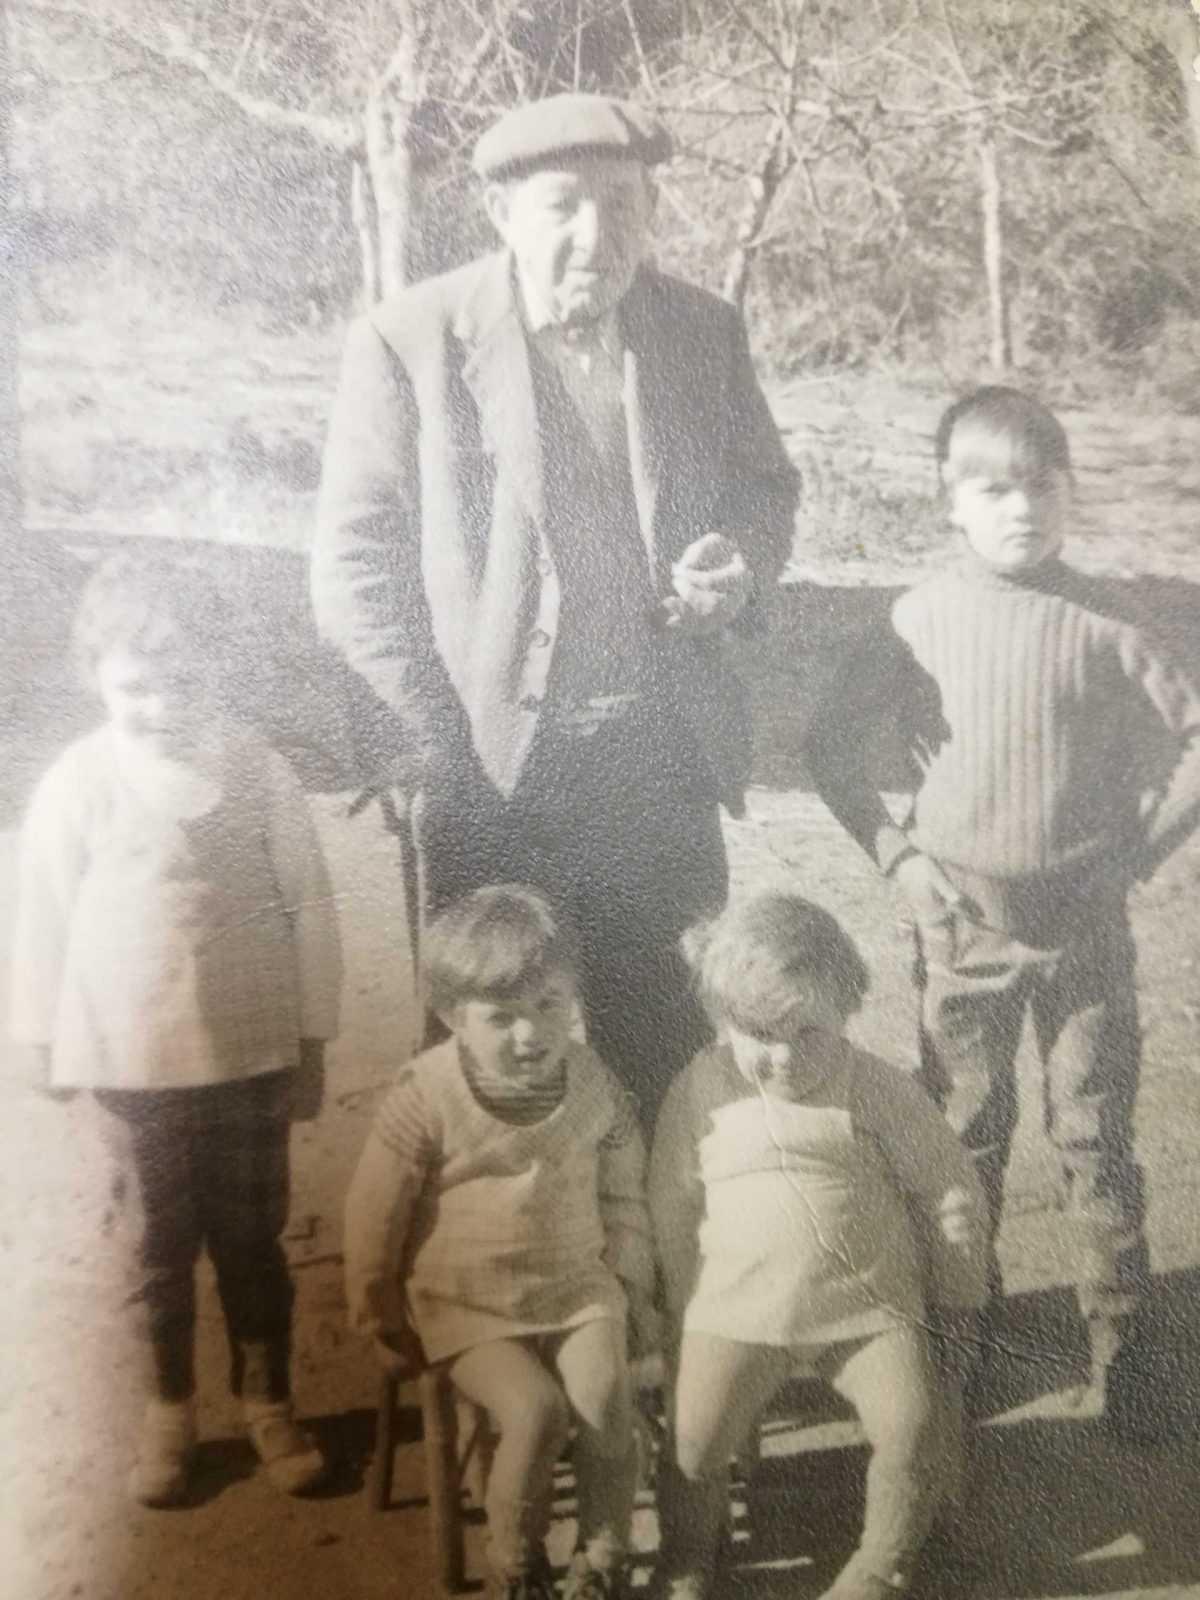 Manuel Villaverde Riveiro